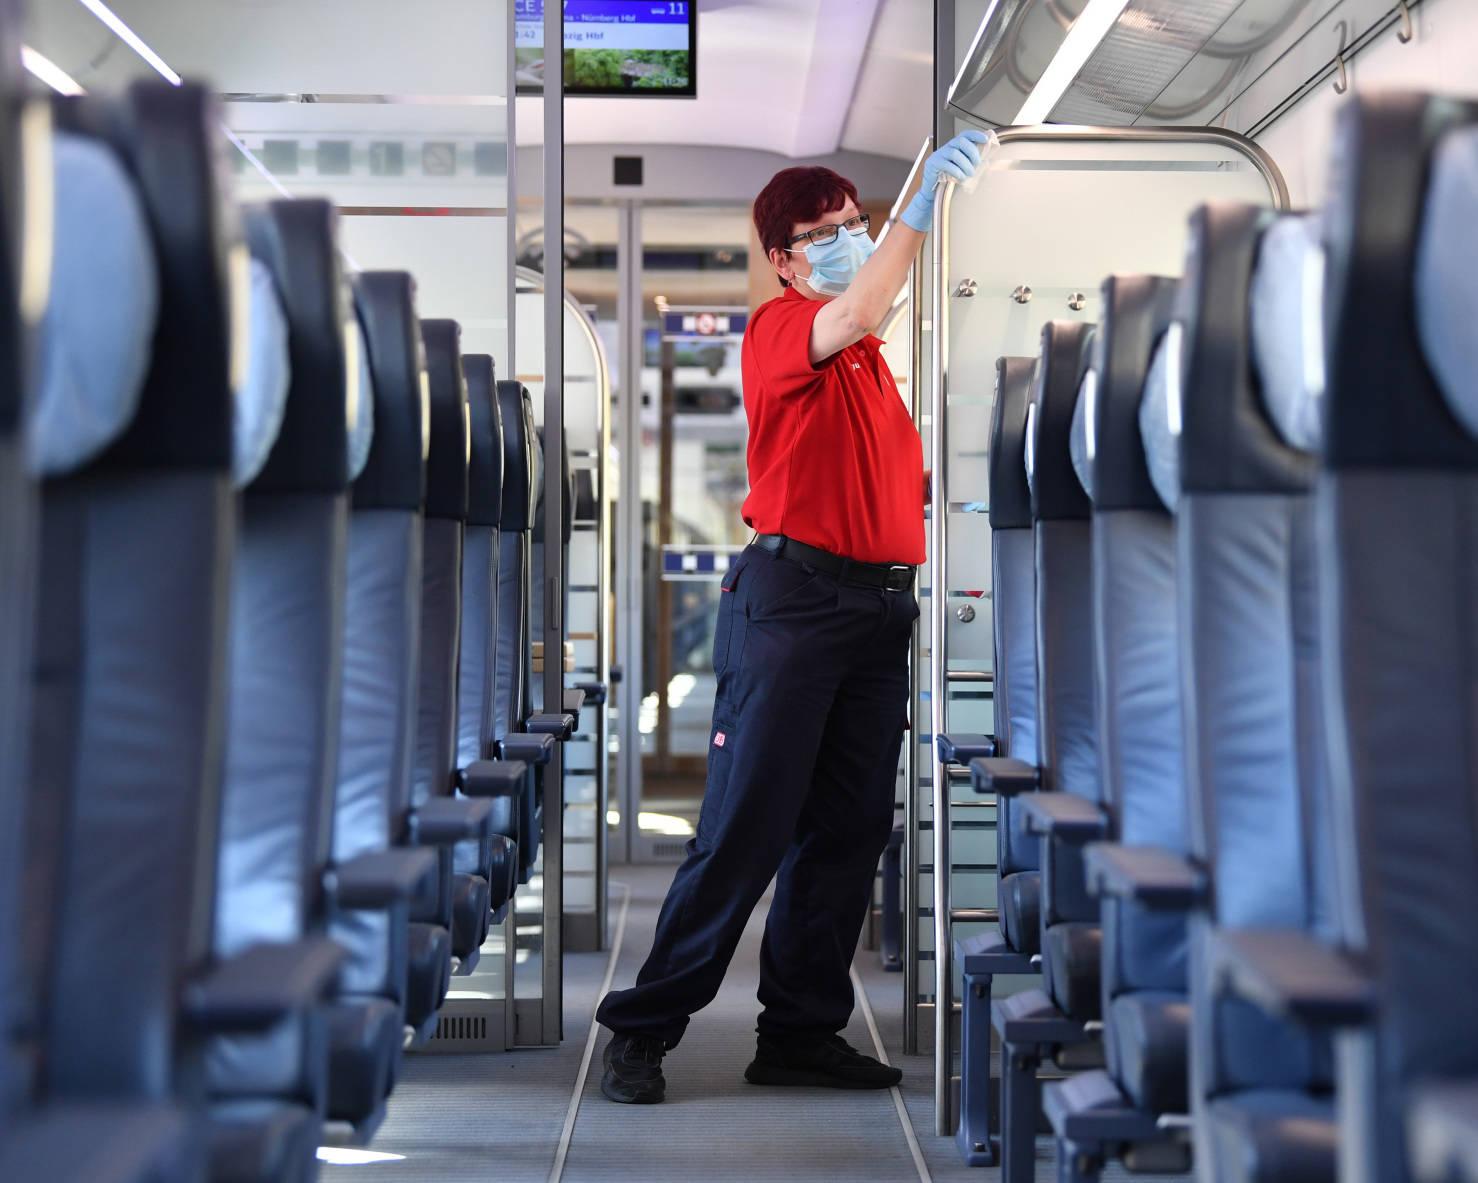 DB Mitarbeiterin reinigt Zuginnenraum.